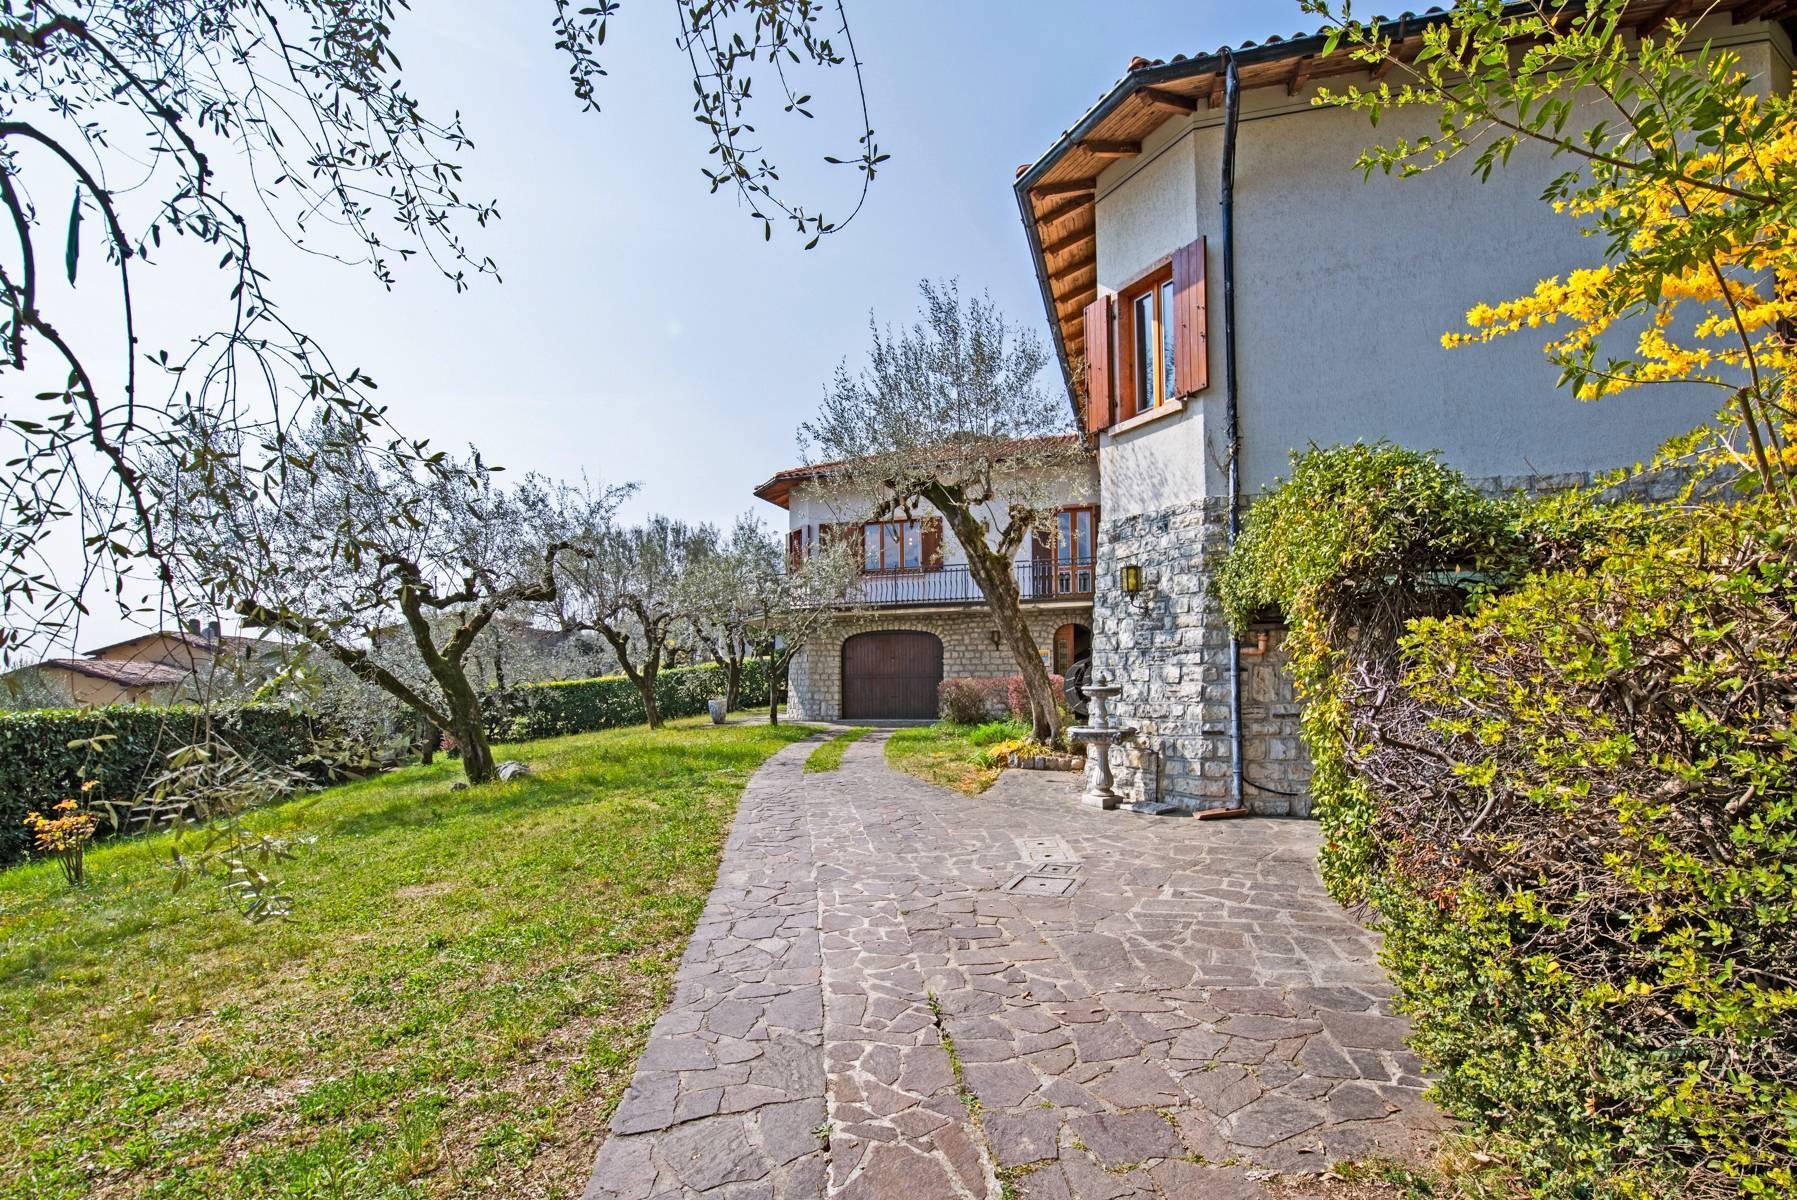 Villa in Gargnano inmitten der Olivenbäume vom Gardasee mit herrlichem Seeblick - 32